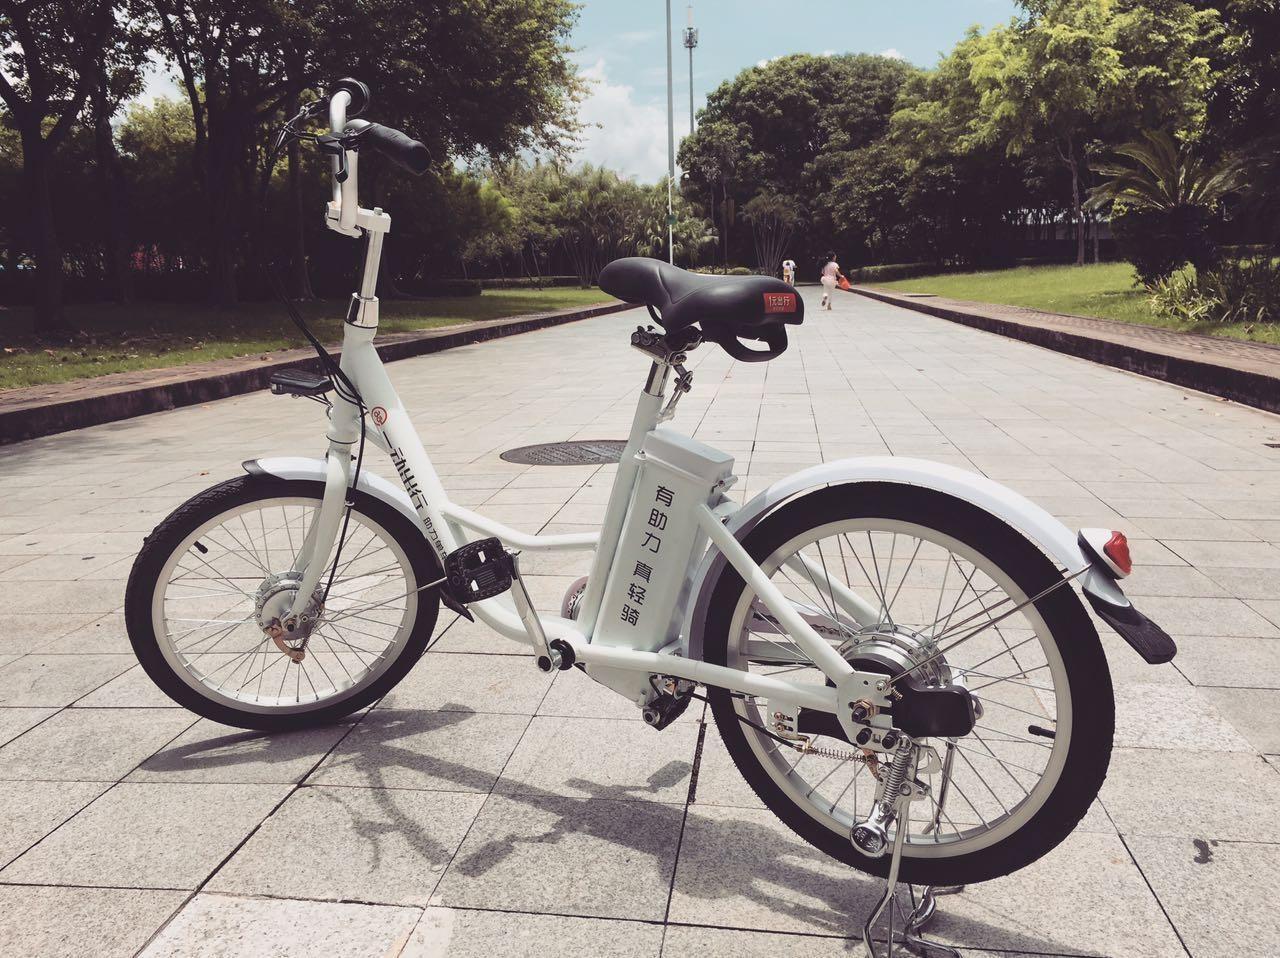 共享电单车骑行不费劲 夜灯自动亮